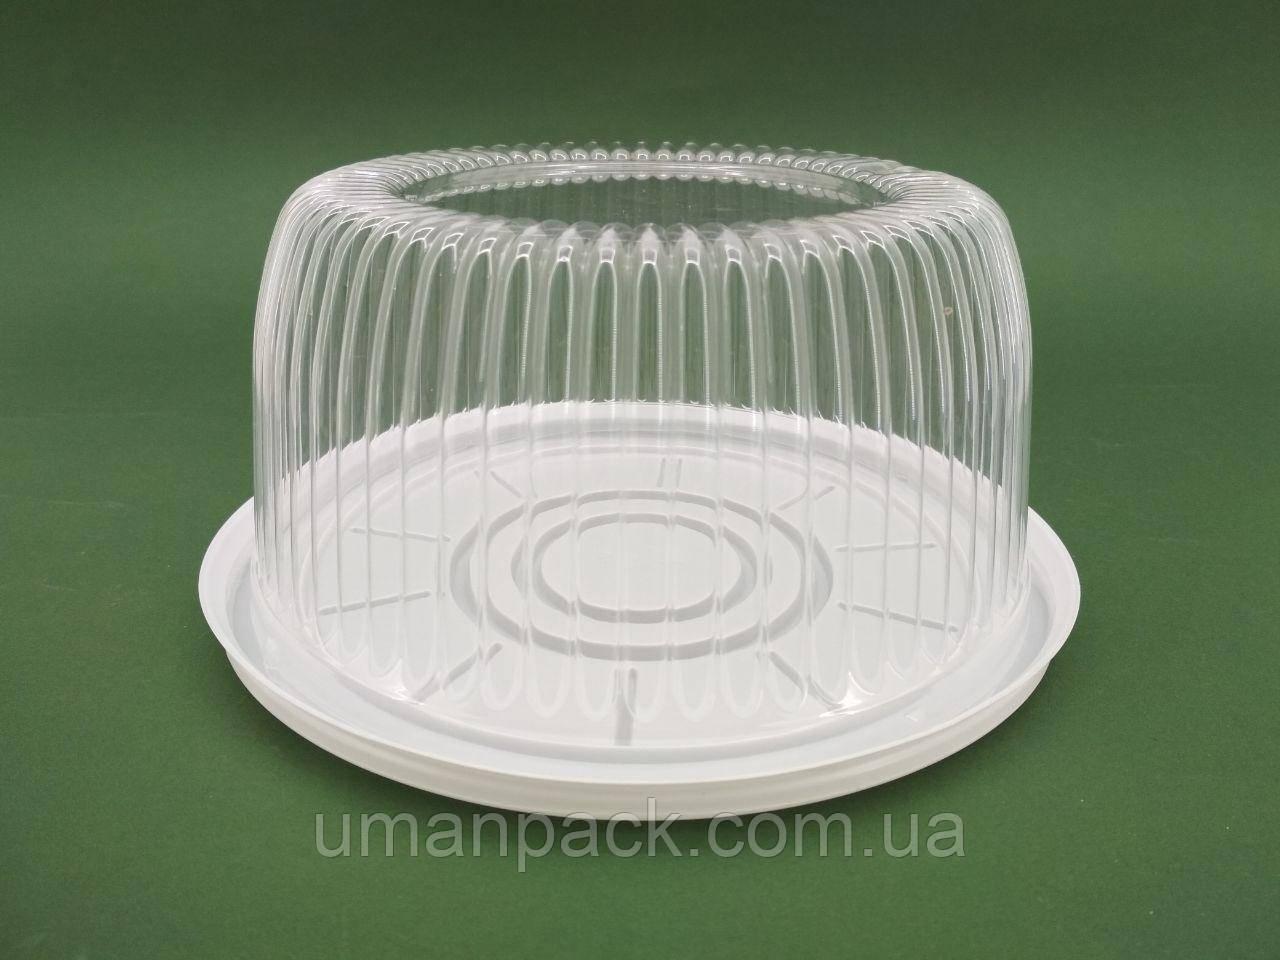 Блистирная упаковка  ПС-22 (V2100мл) Ф205*95 (50 шт))